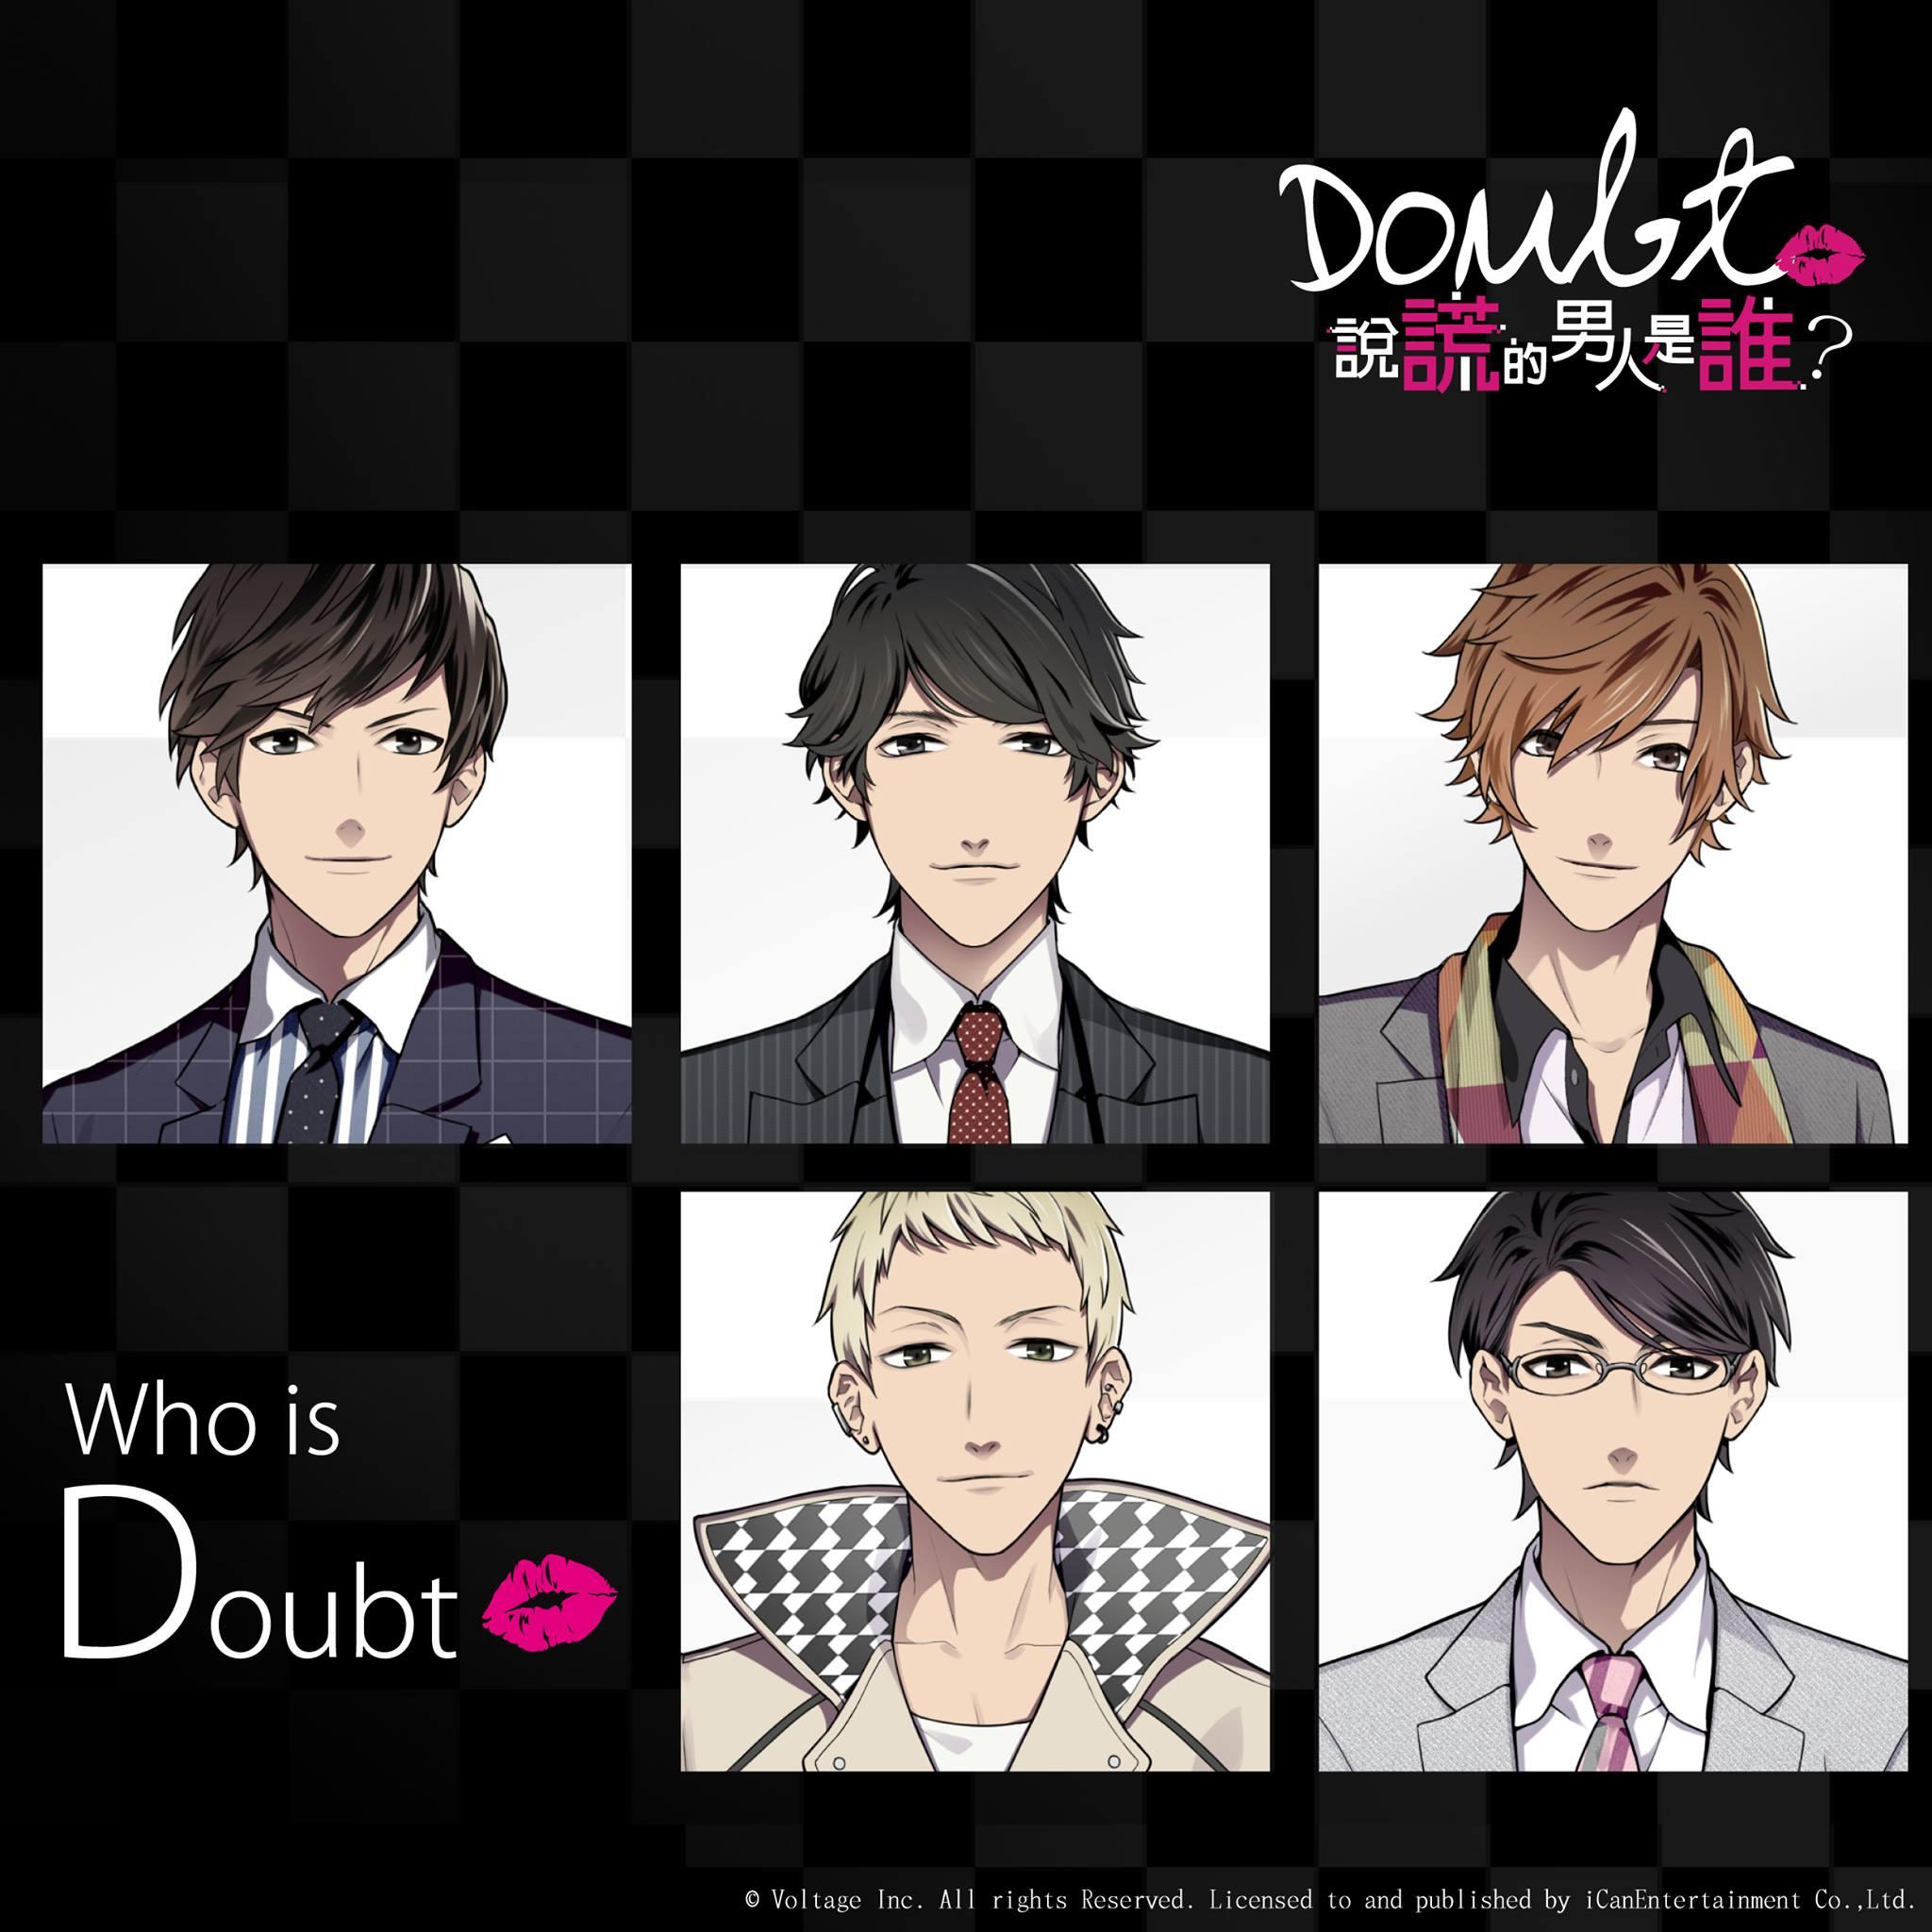 《Doubt~說謊的男人是誰?》戀愛解謎遊戲 事前登錄受付中 渣男Out!